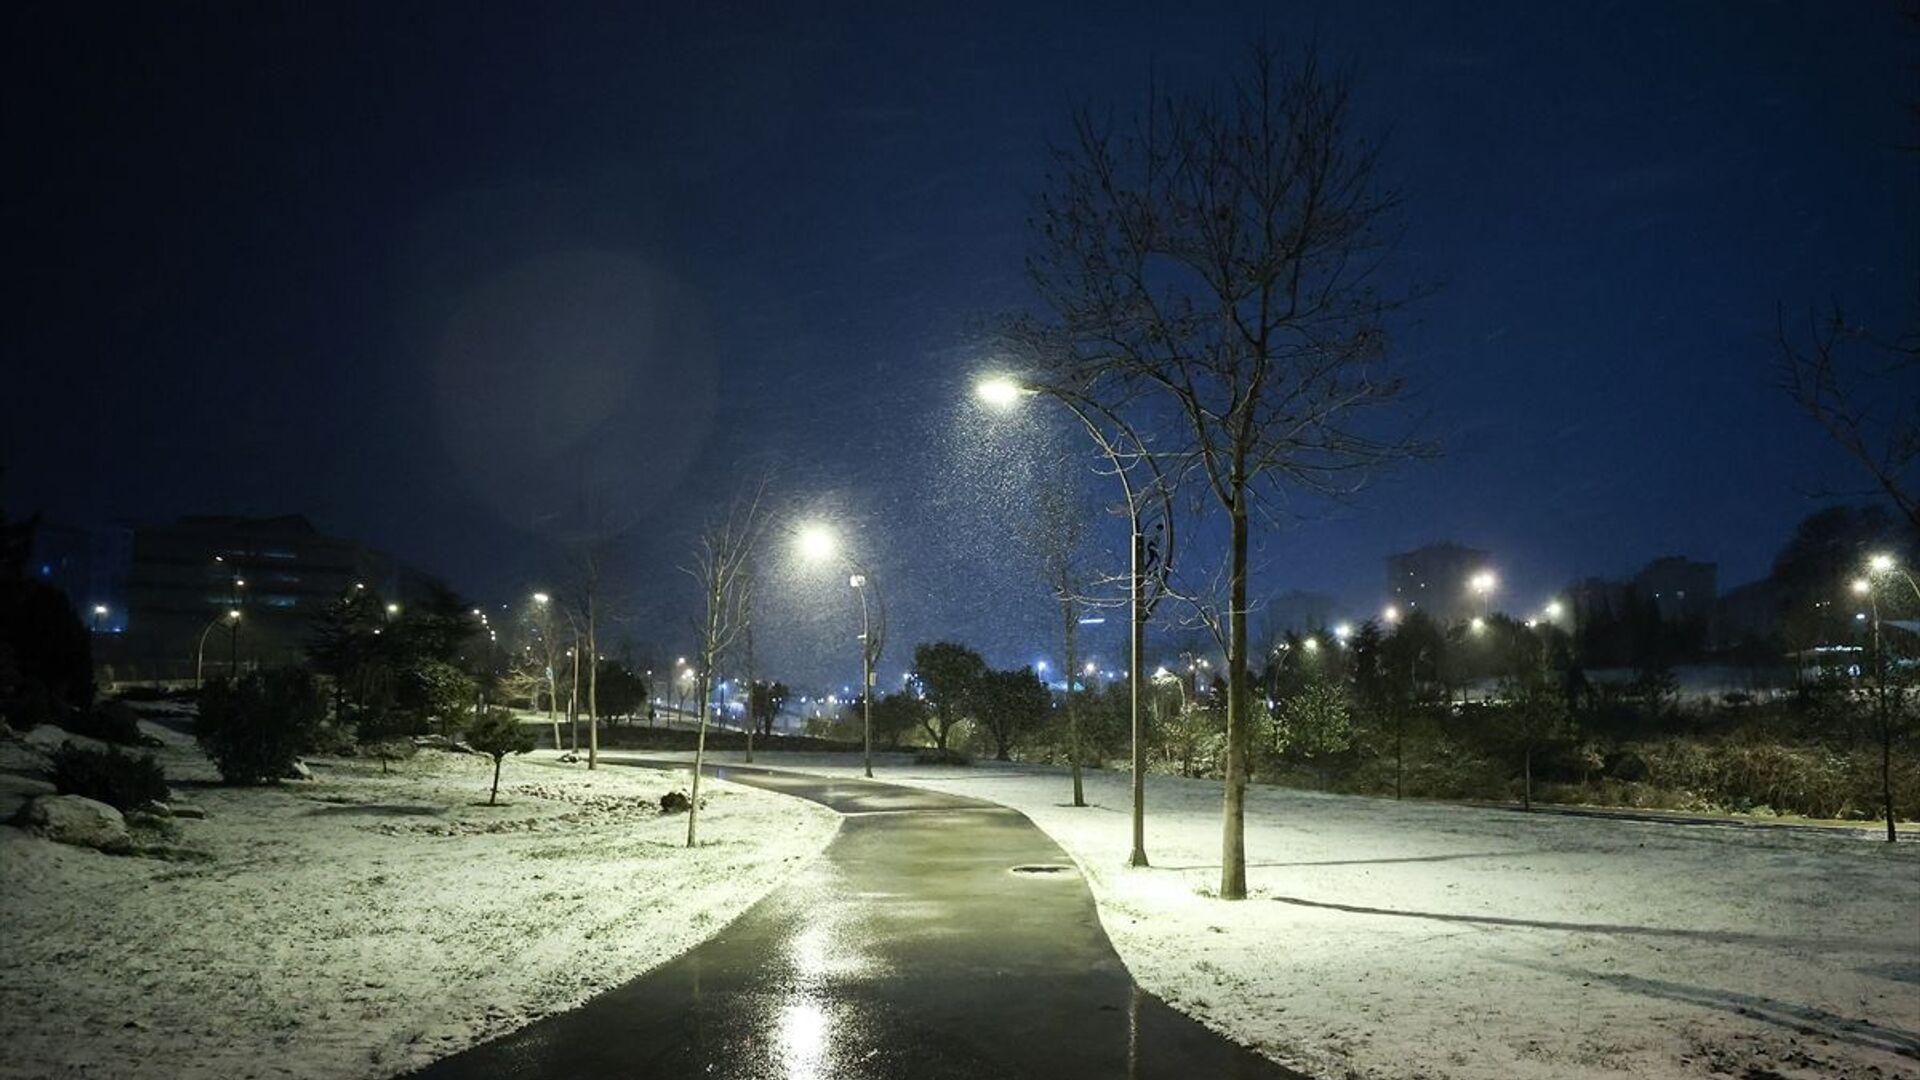 İstanbul'da beklenen kar yağışı bazı bölgelerde başladı. Yağış Beylikdüzü'nde de etkili oldu. - Sputnik Türkiye, 1920, 13.02.2021